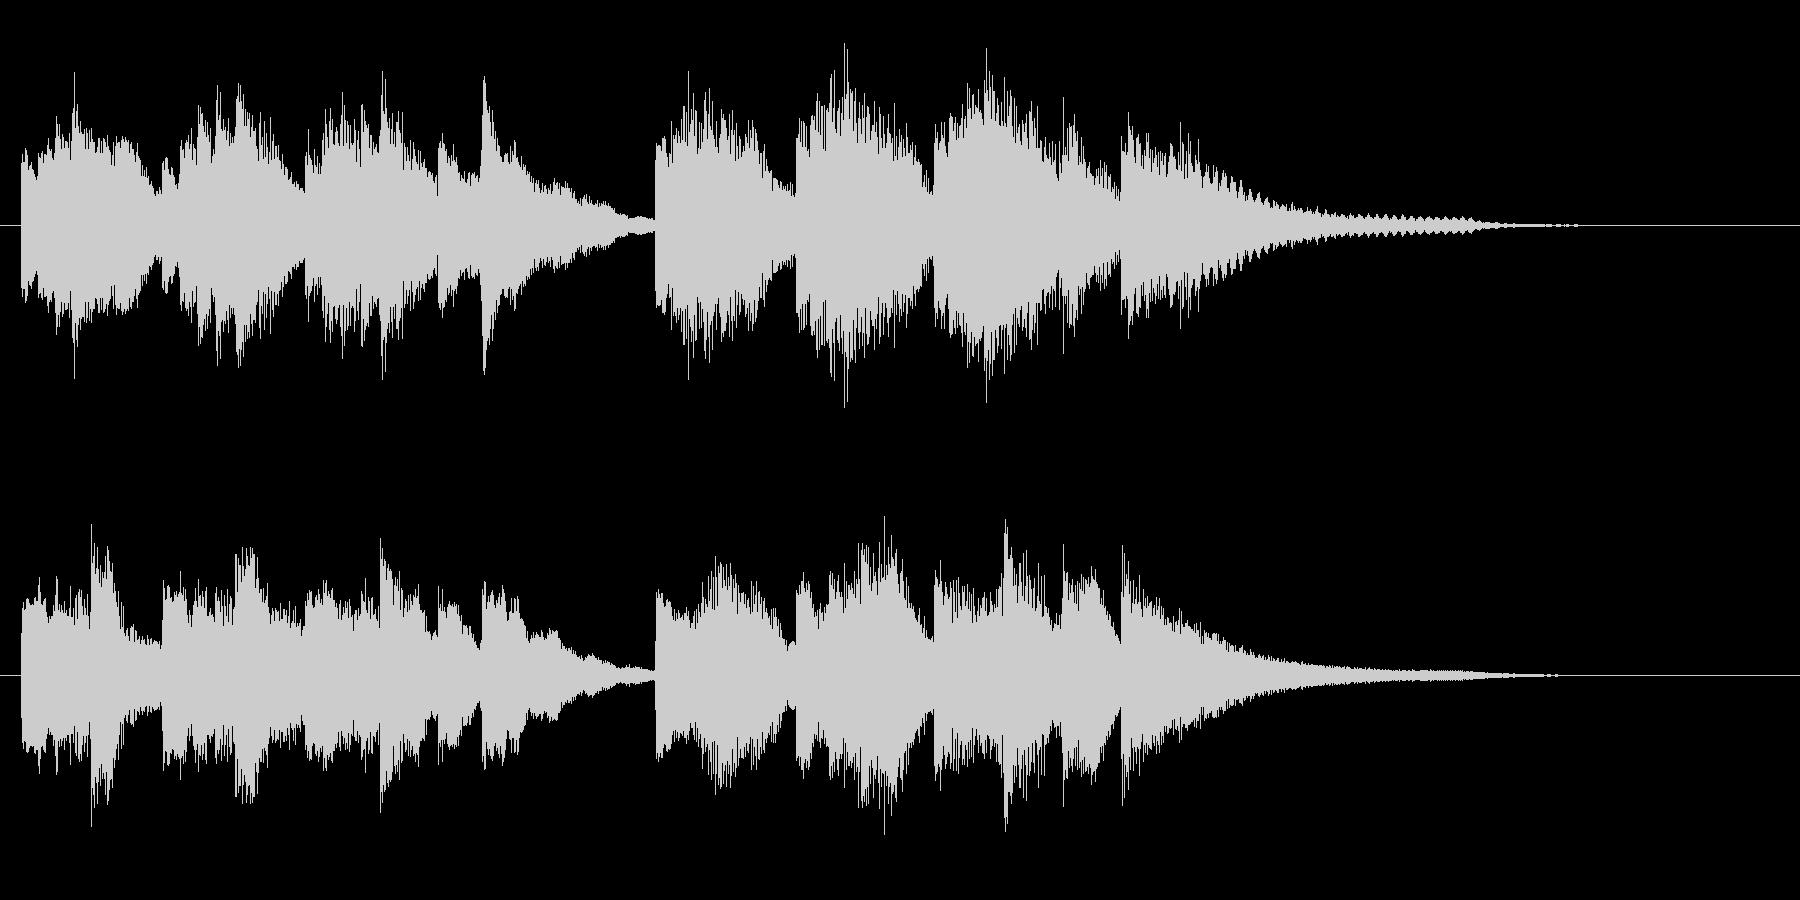 ゆったりとした癒しのピアノソロジングルの未再生の波形